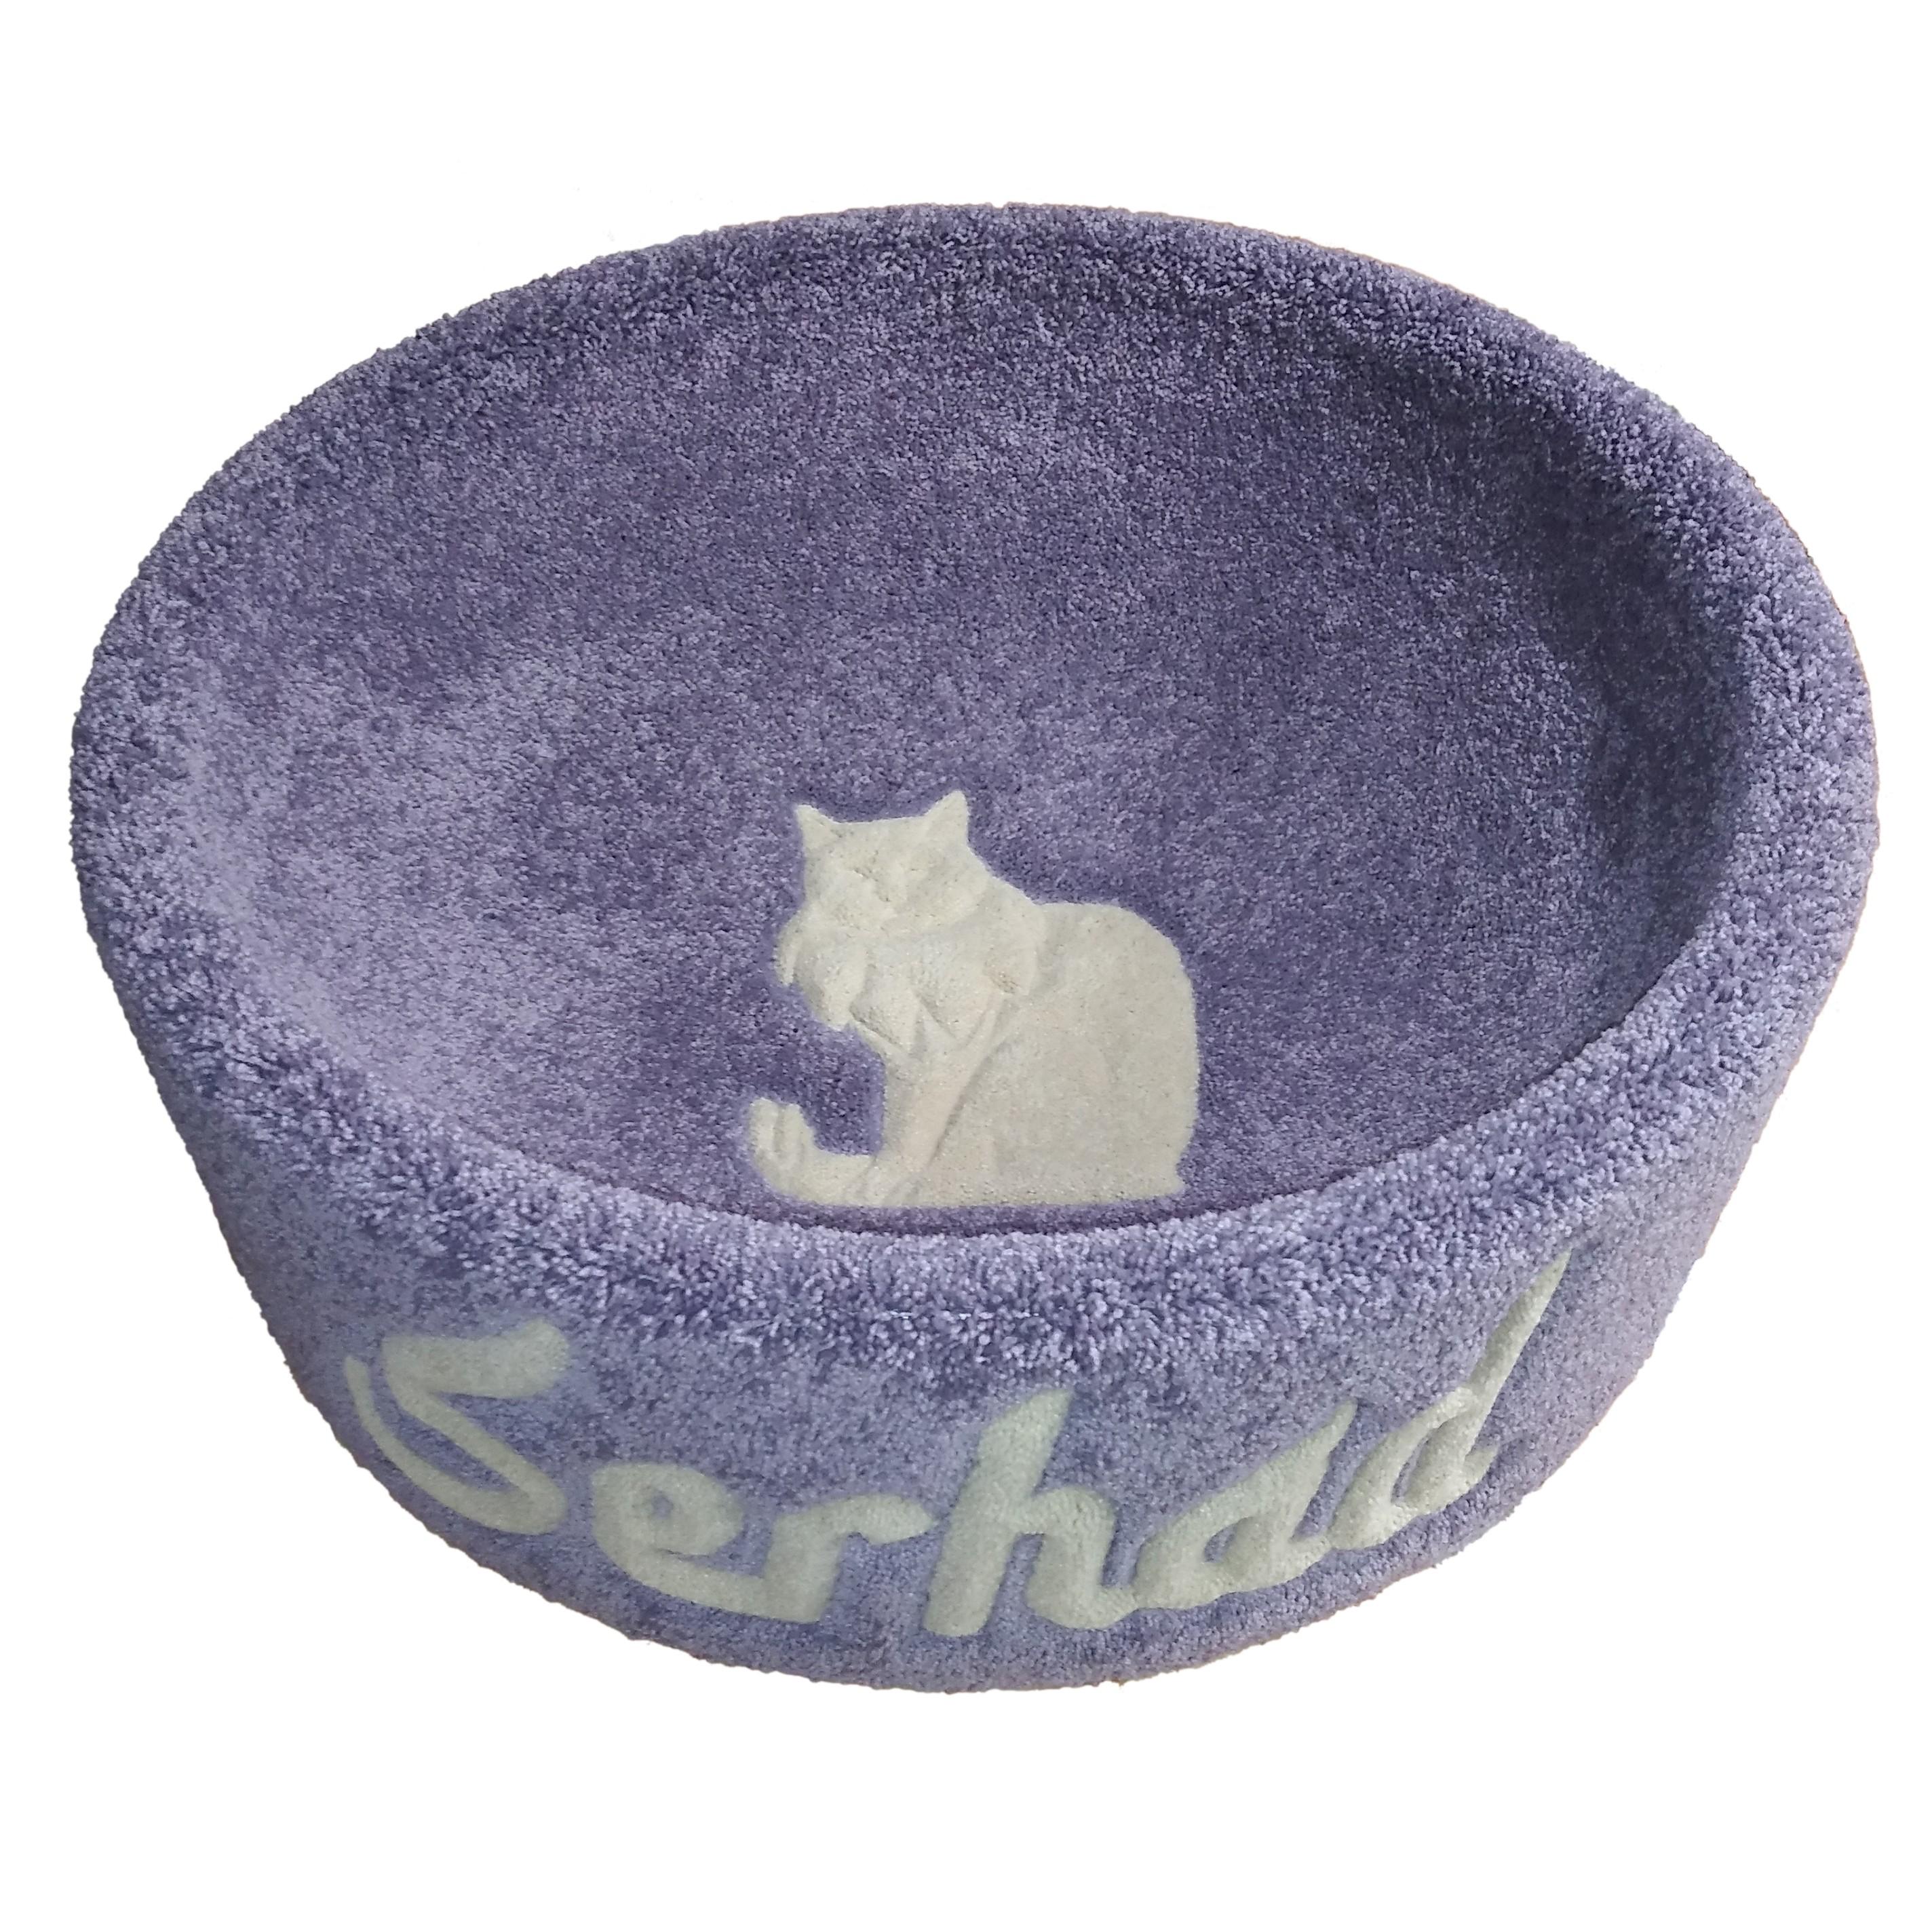 Jumbo Kitty Bowl Cat Bed